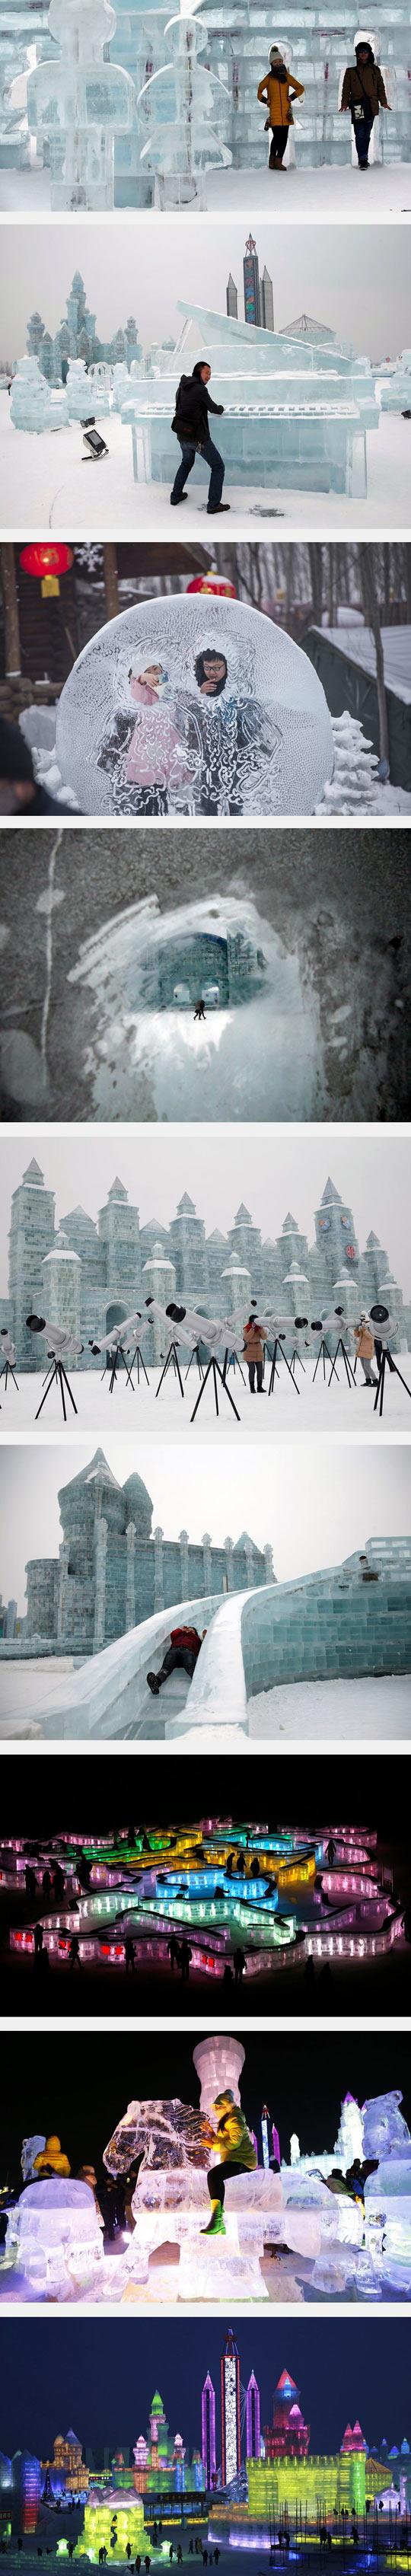 funny-ice-train-snow-winter-sculpture-piano